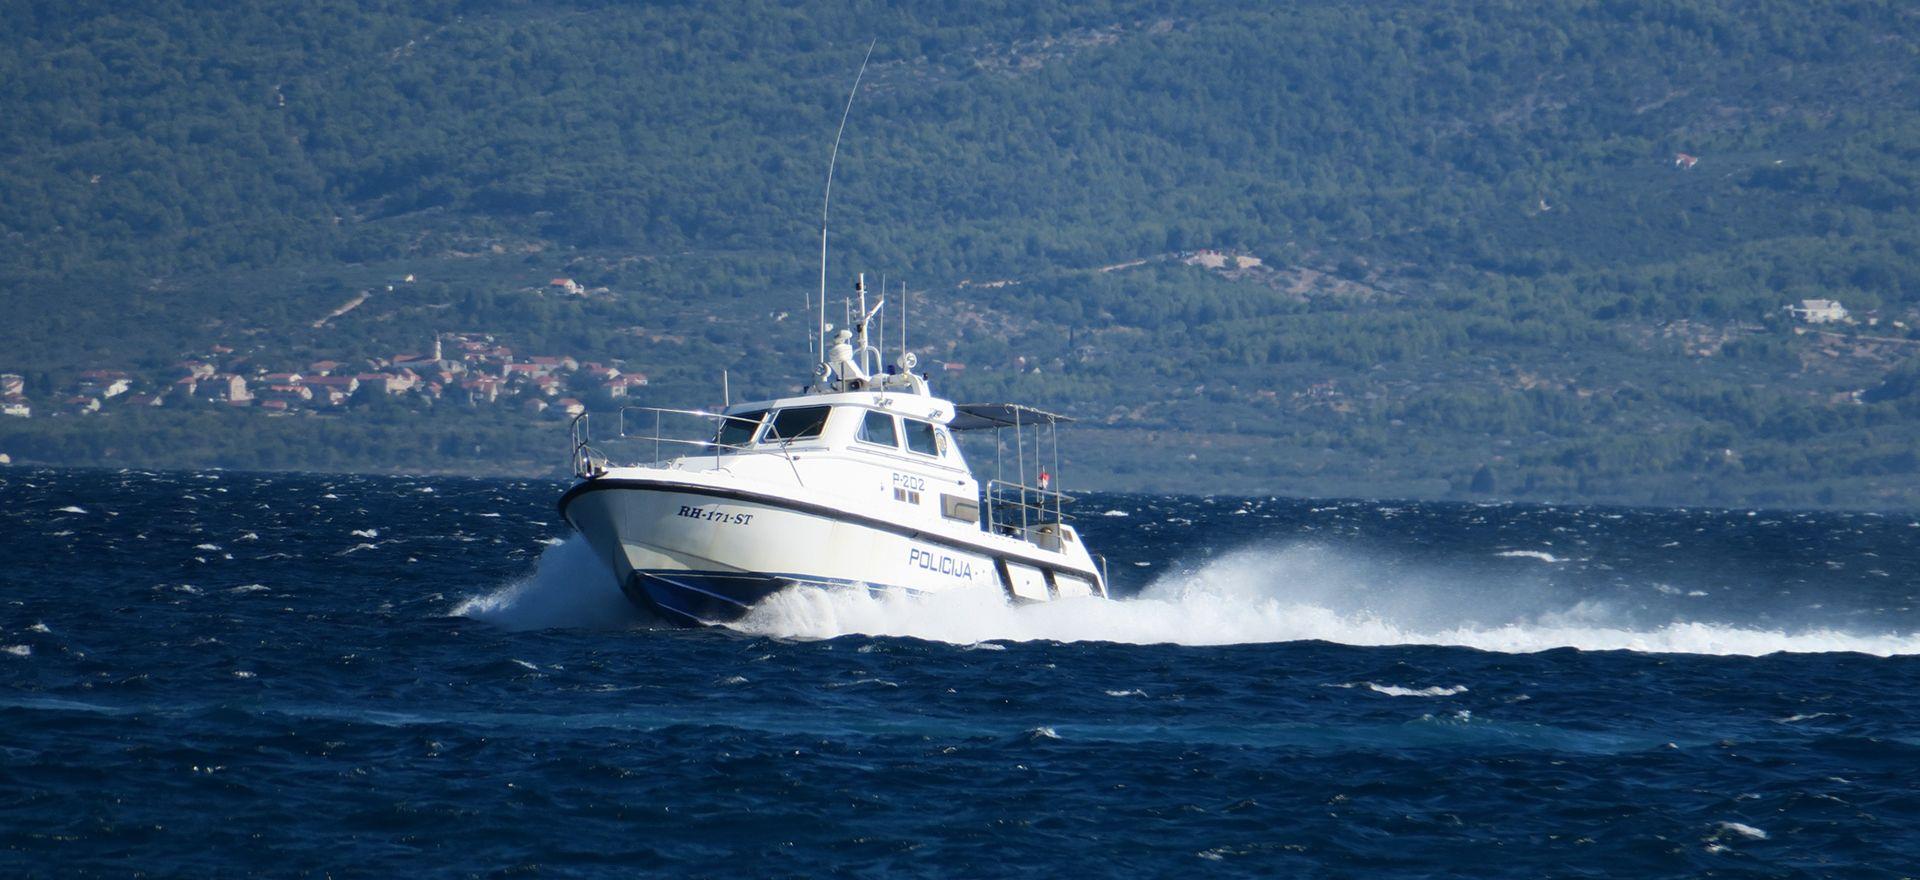 Pokazne vježbe zaštite morske granice MUP-a, MORH-a i Frontexa u Splitu